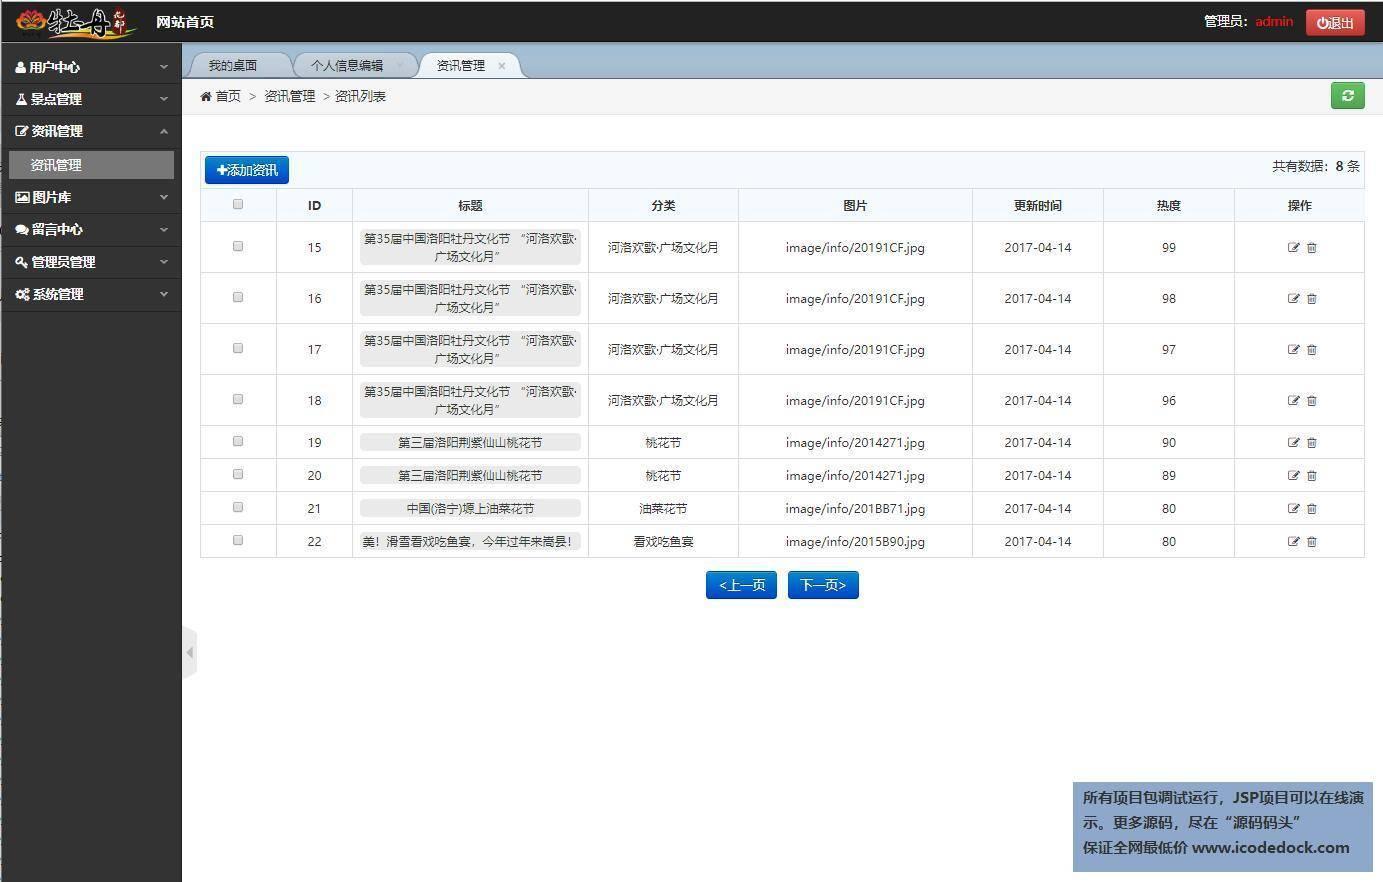 源码码头-JSP旅游网站管理系统-管理员角色-资讯管理